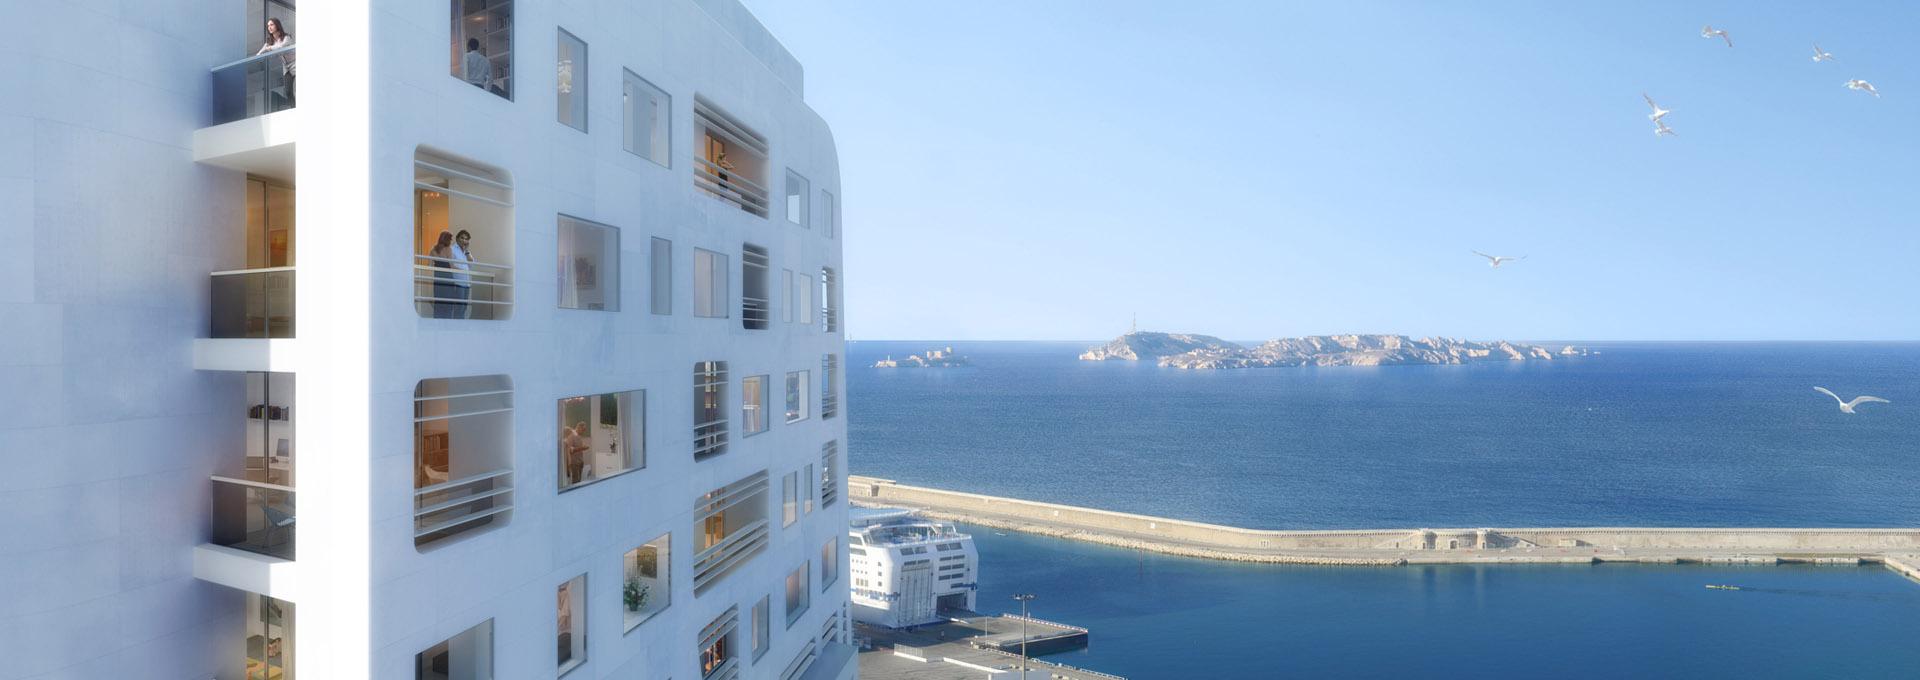 Perspective immobilière - CONSTRUCTA - Promoteur - Tour H99 à Marseille